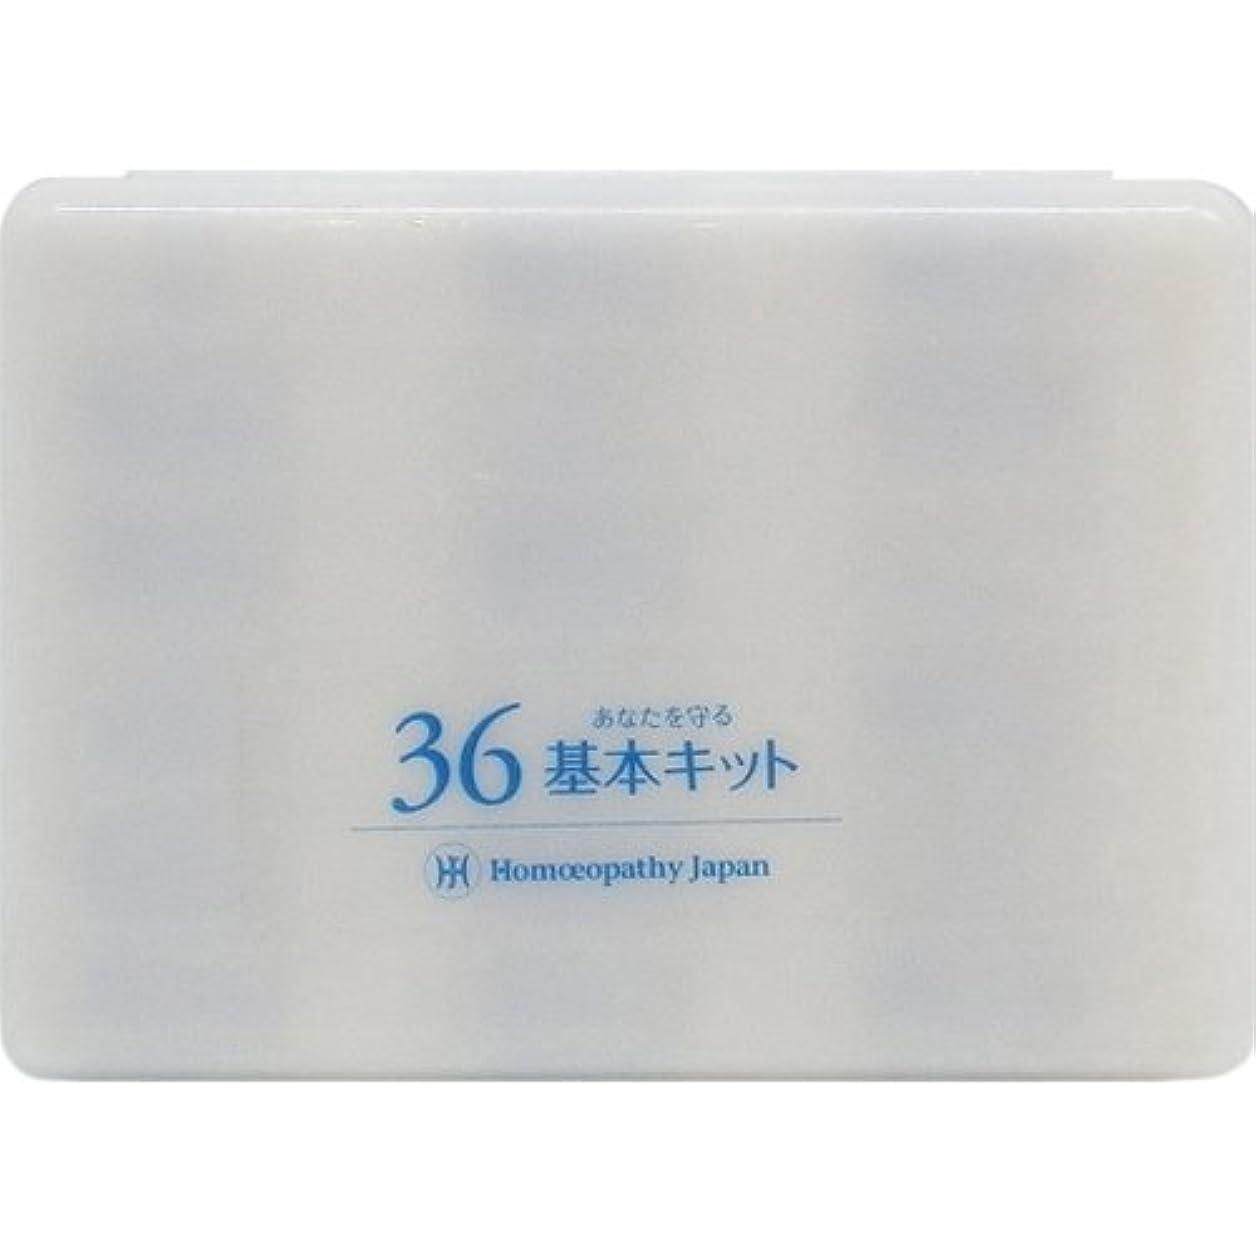 腹部付添人リスキーなホメオパシージャパンレメディー 新36基本キット